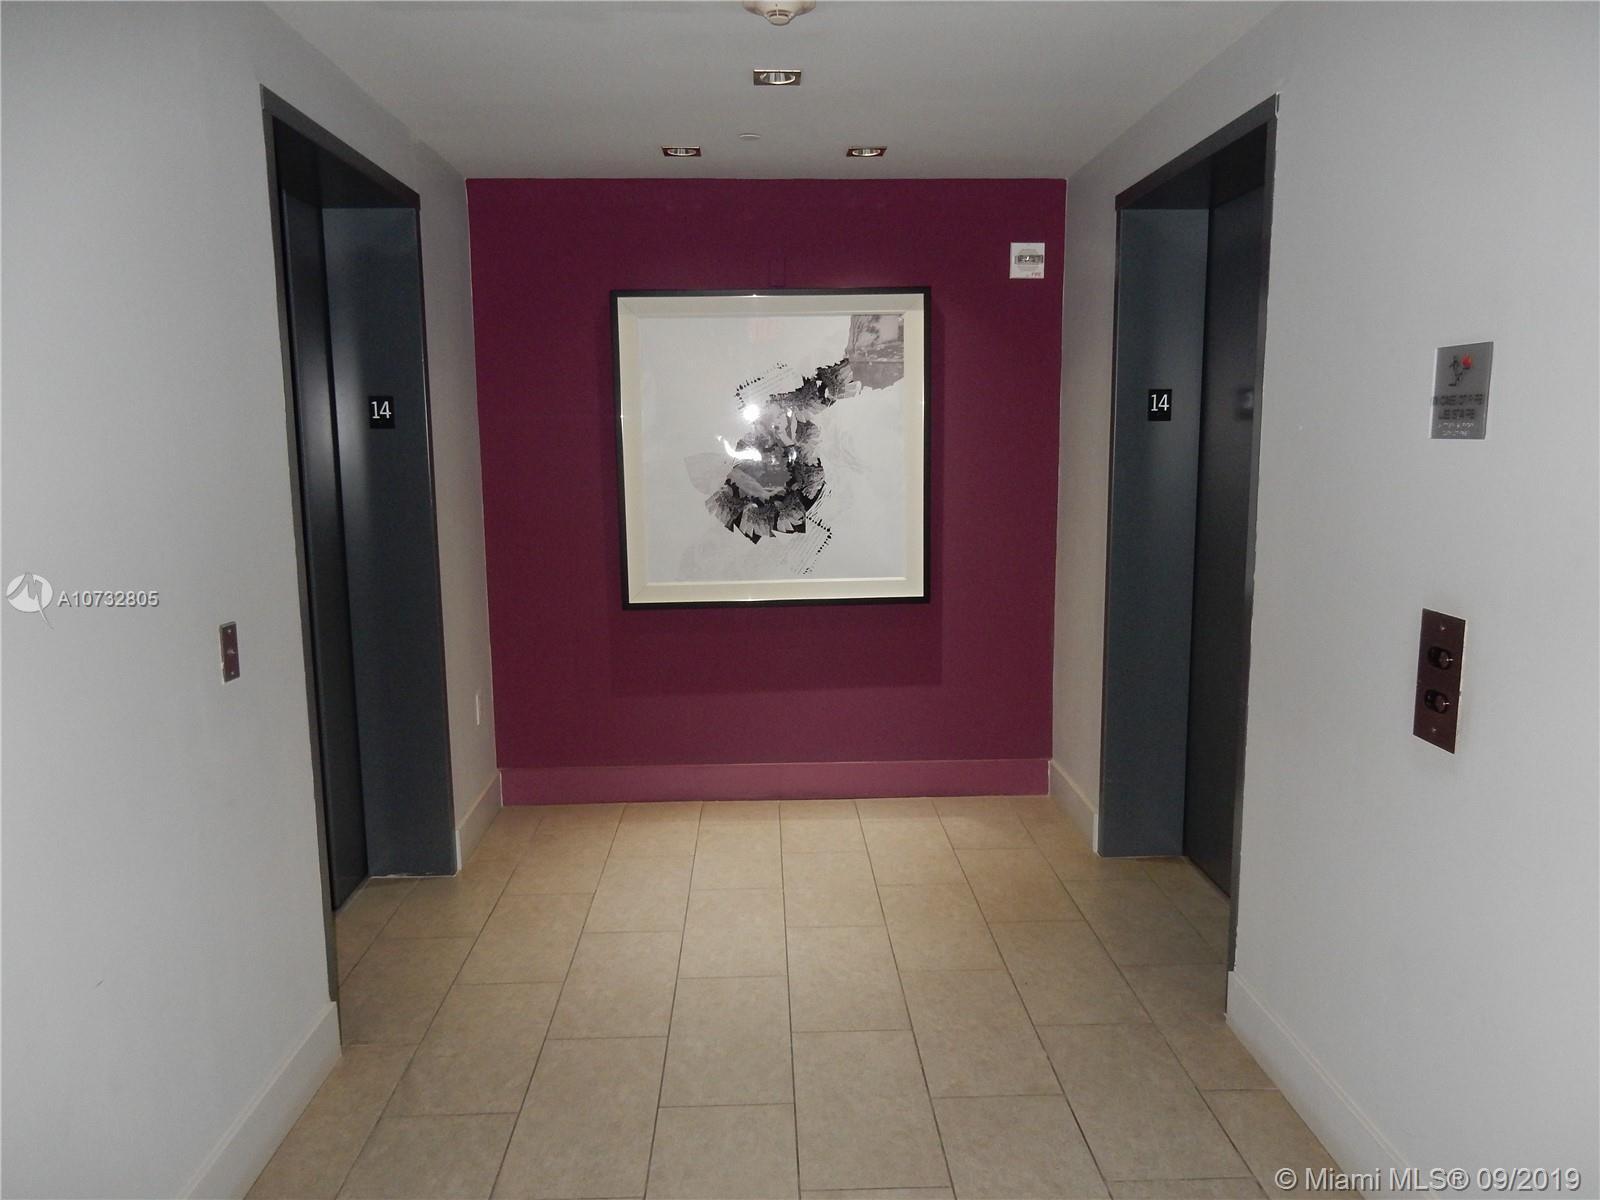 500 Brickell image #5